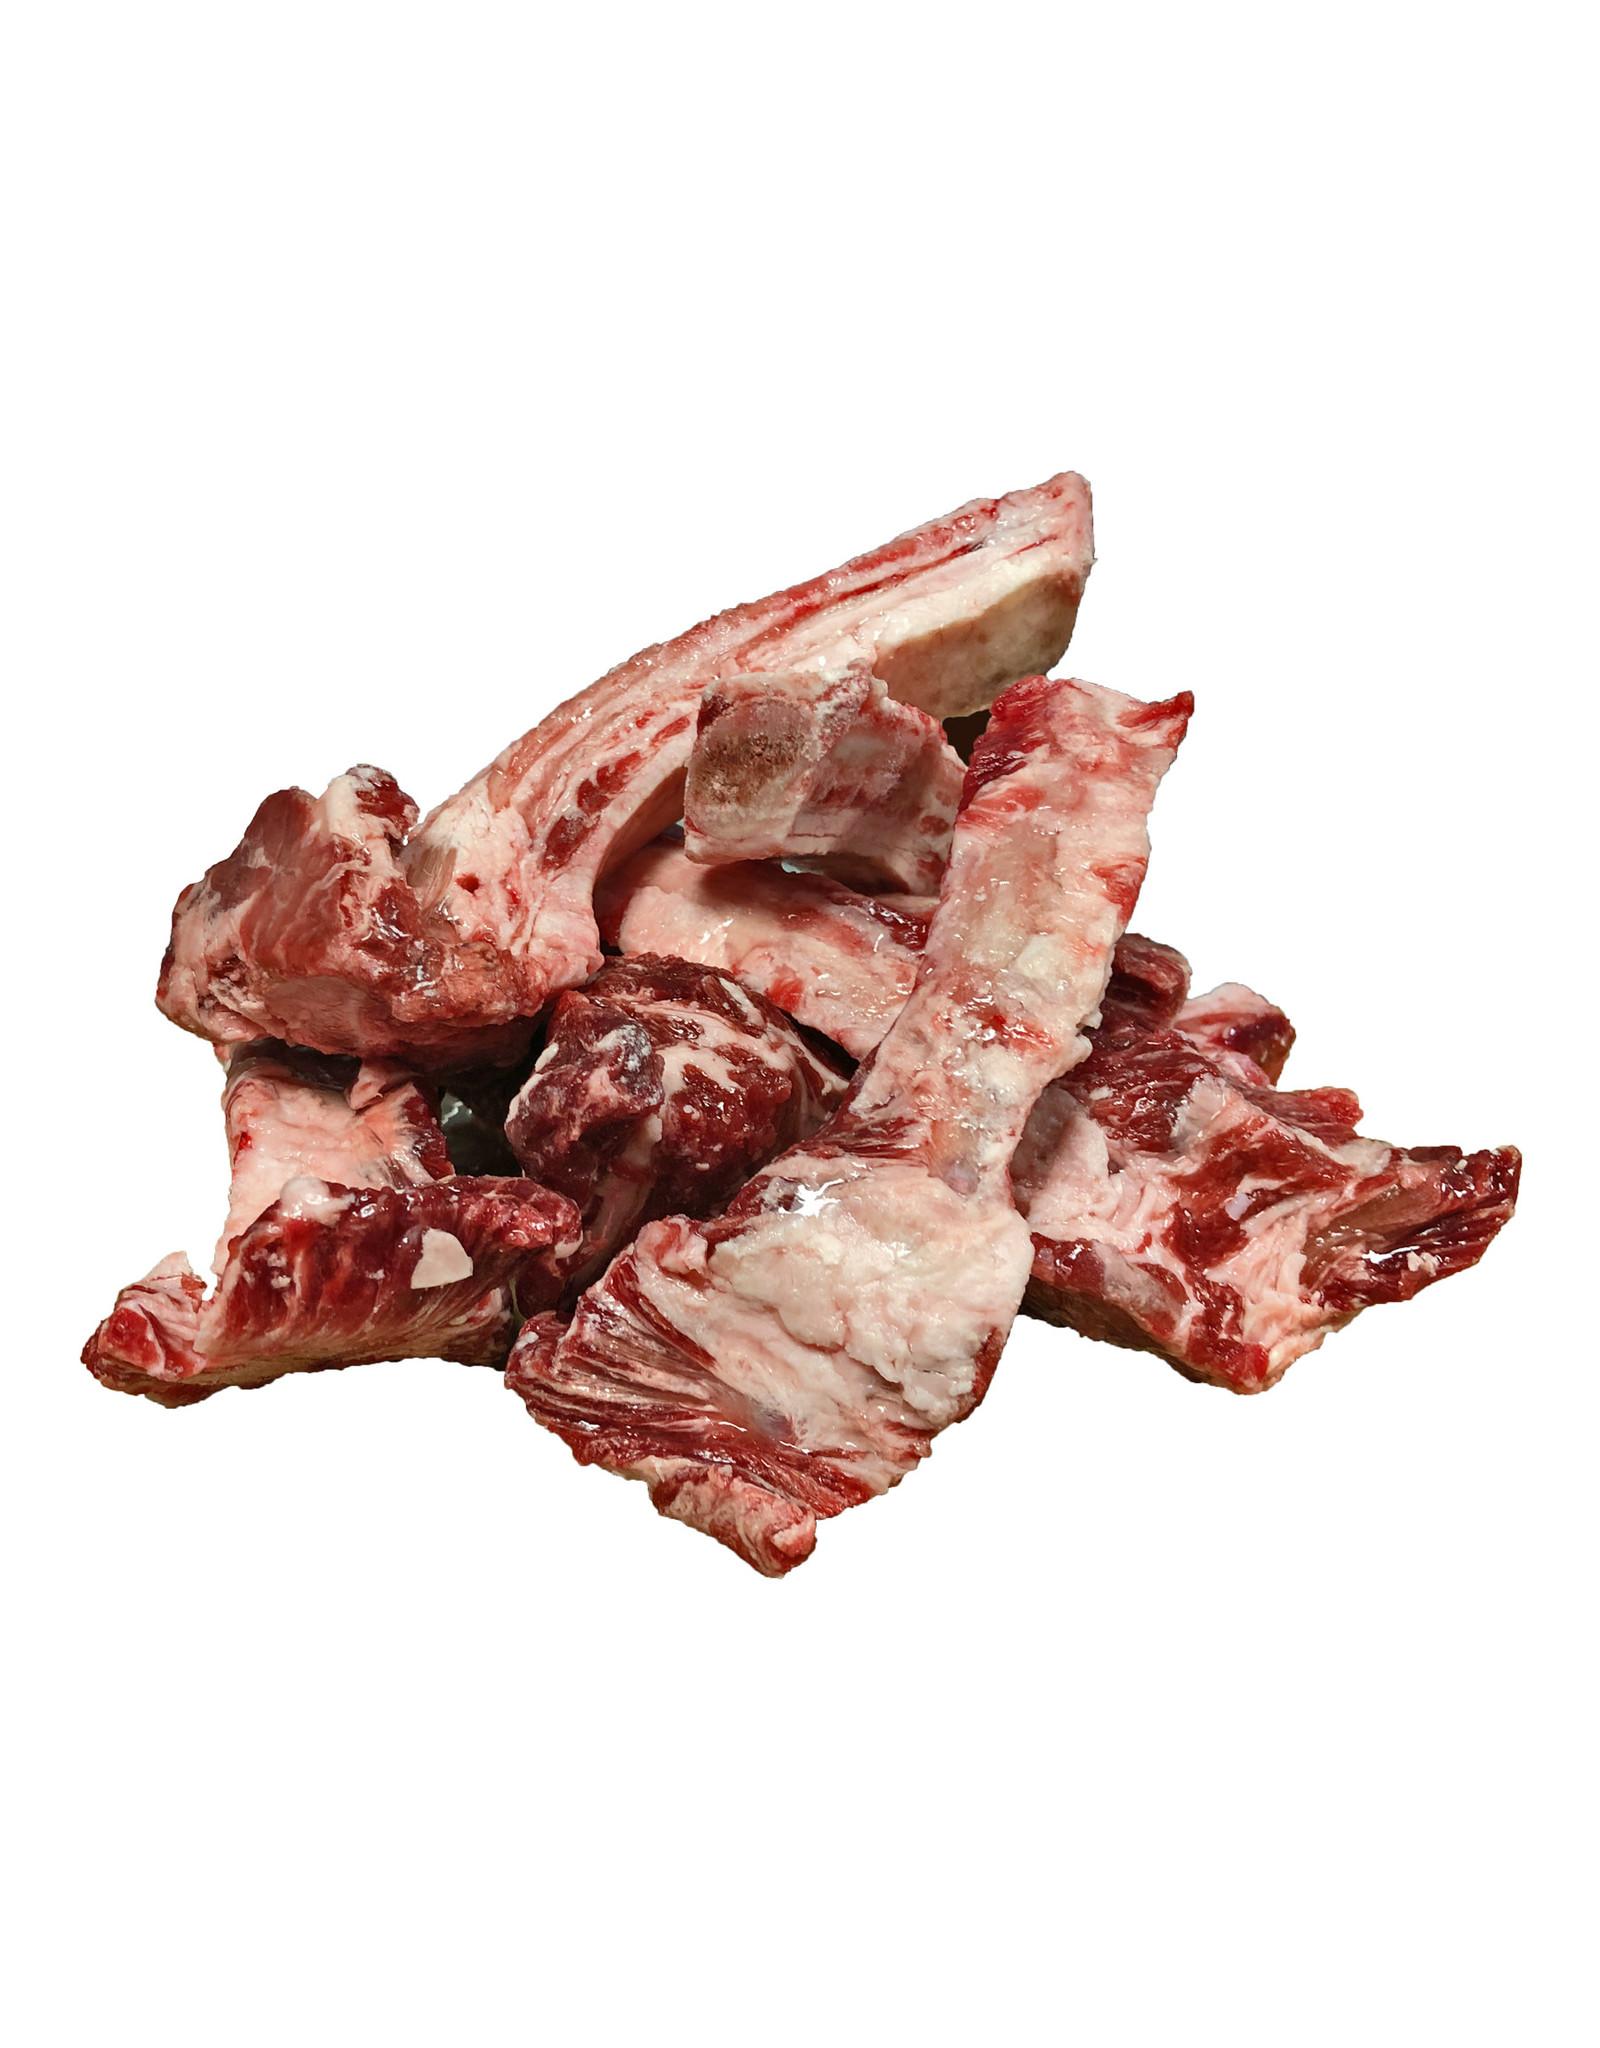 BEST FRIENDS PET FOOD BEEF RIBS MEATY 3LB